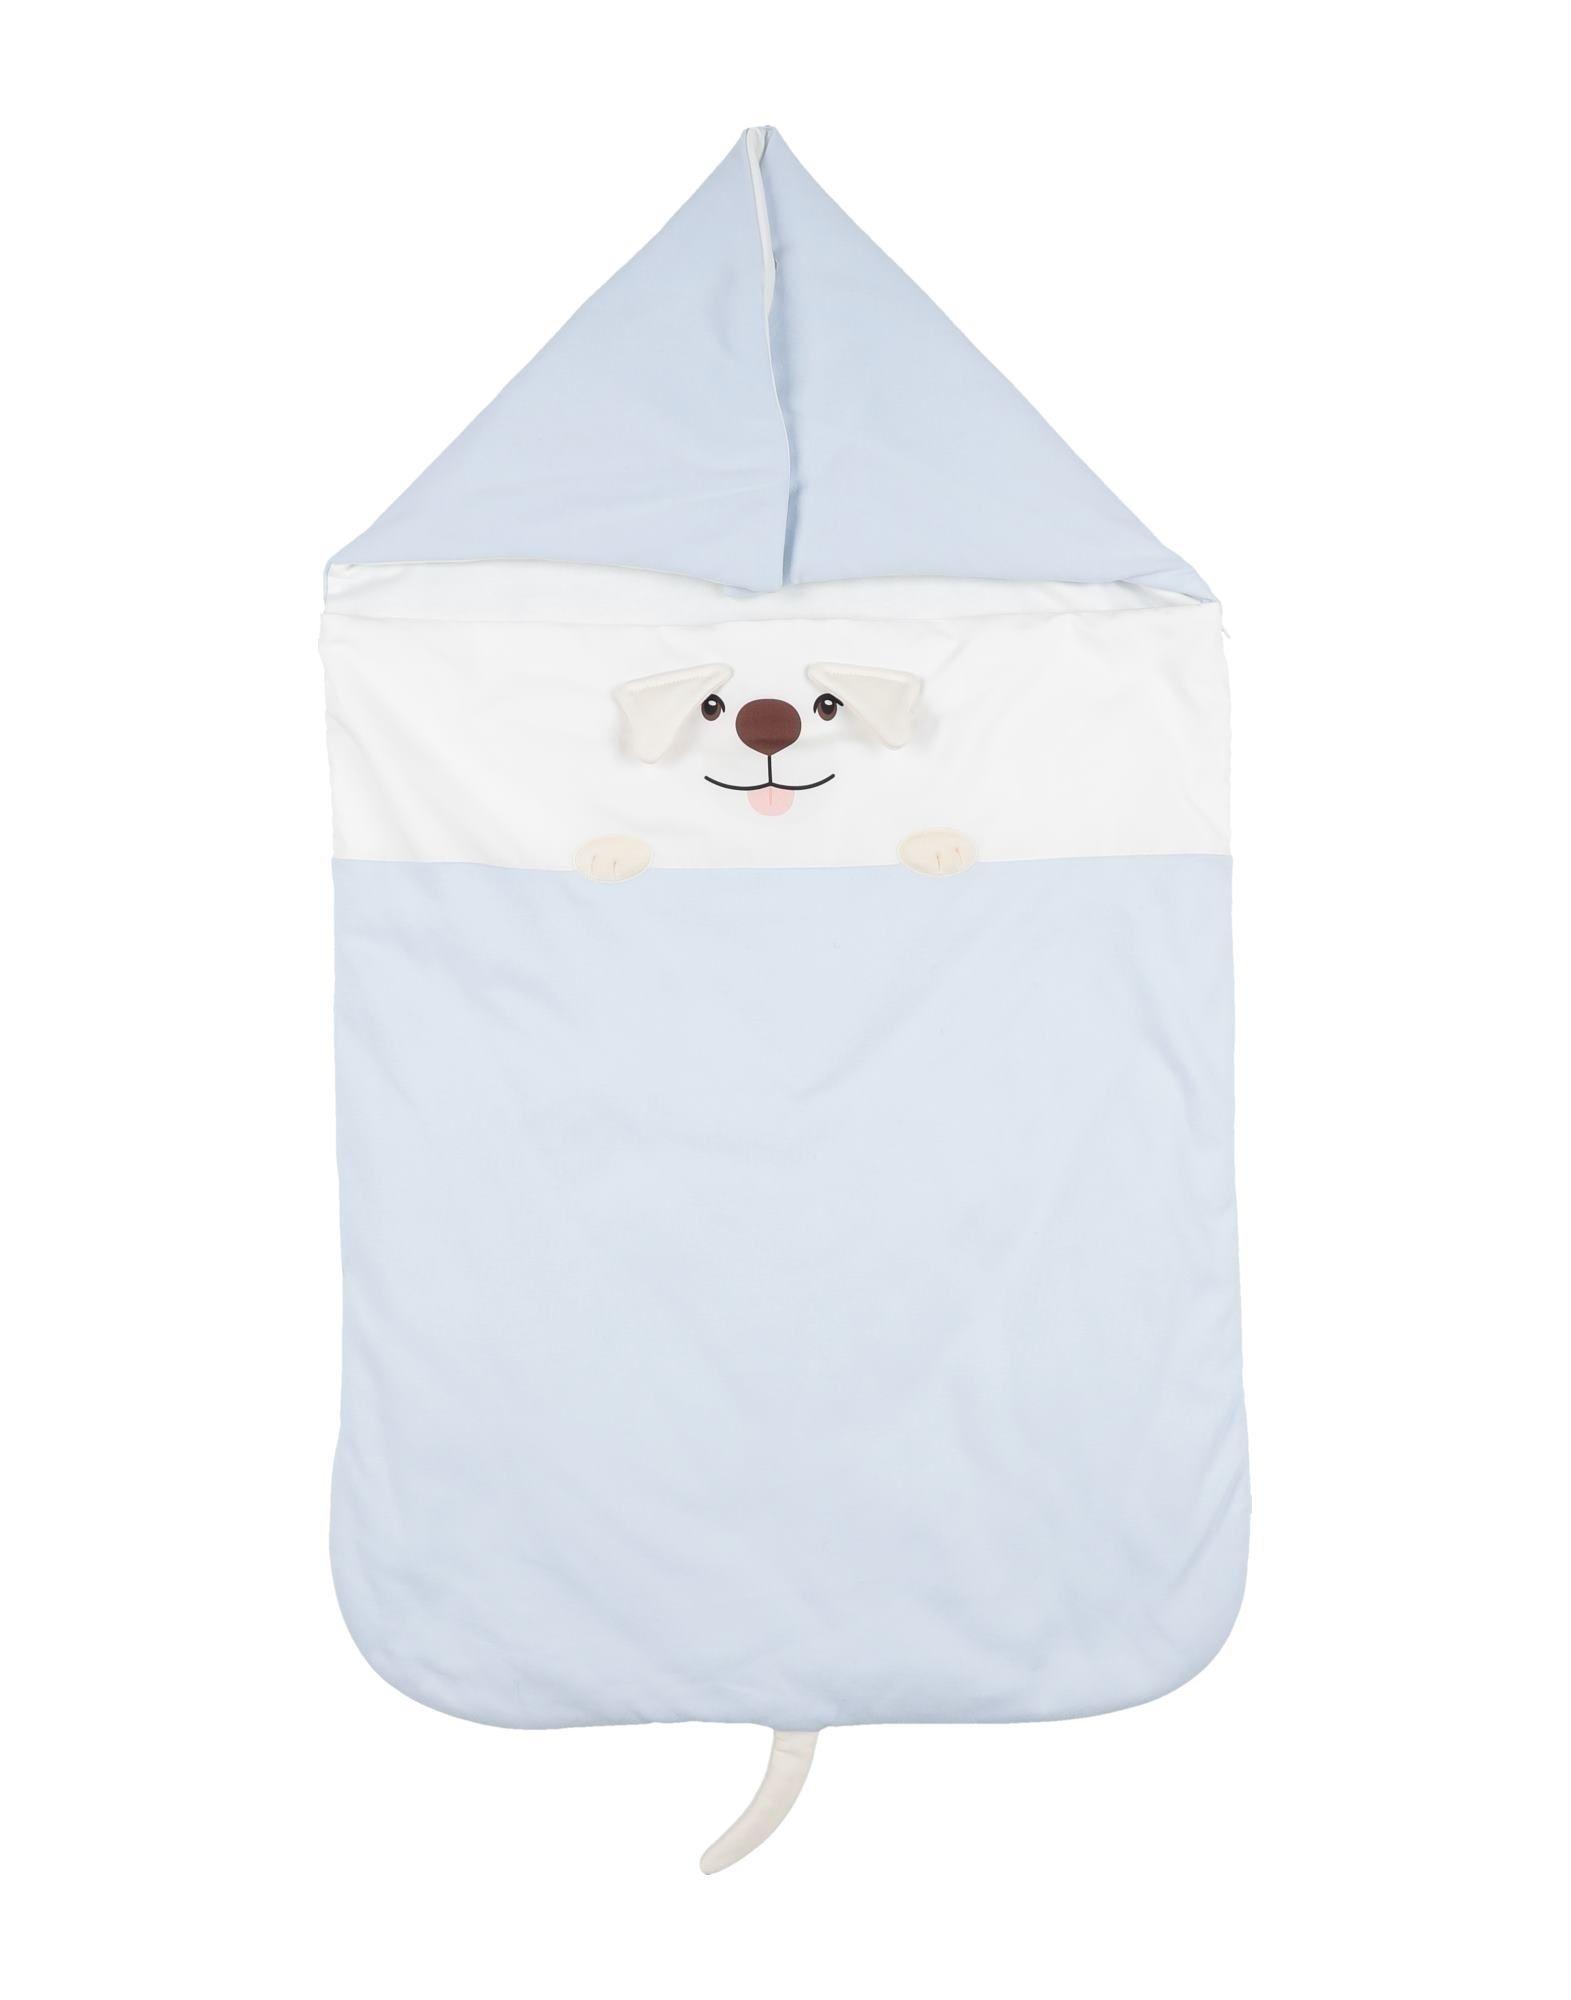 Фото - DOLCE & GABBANA Детский конверт одеяло конверт dolce bambino dolce blanket для новорожденных белый av71204